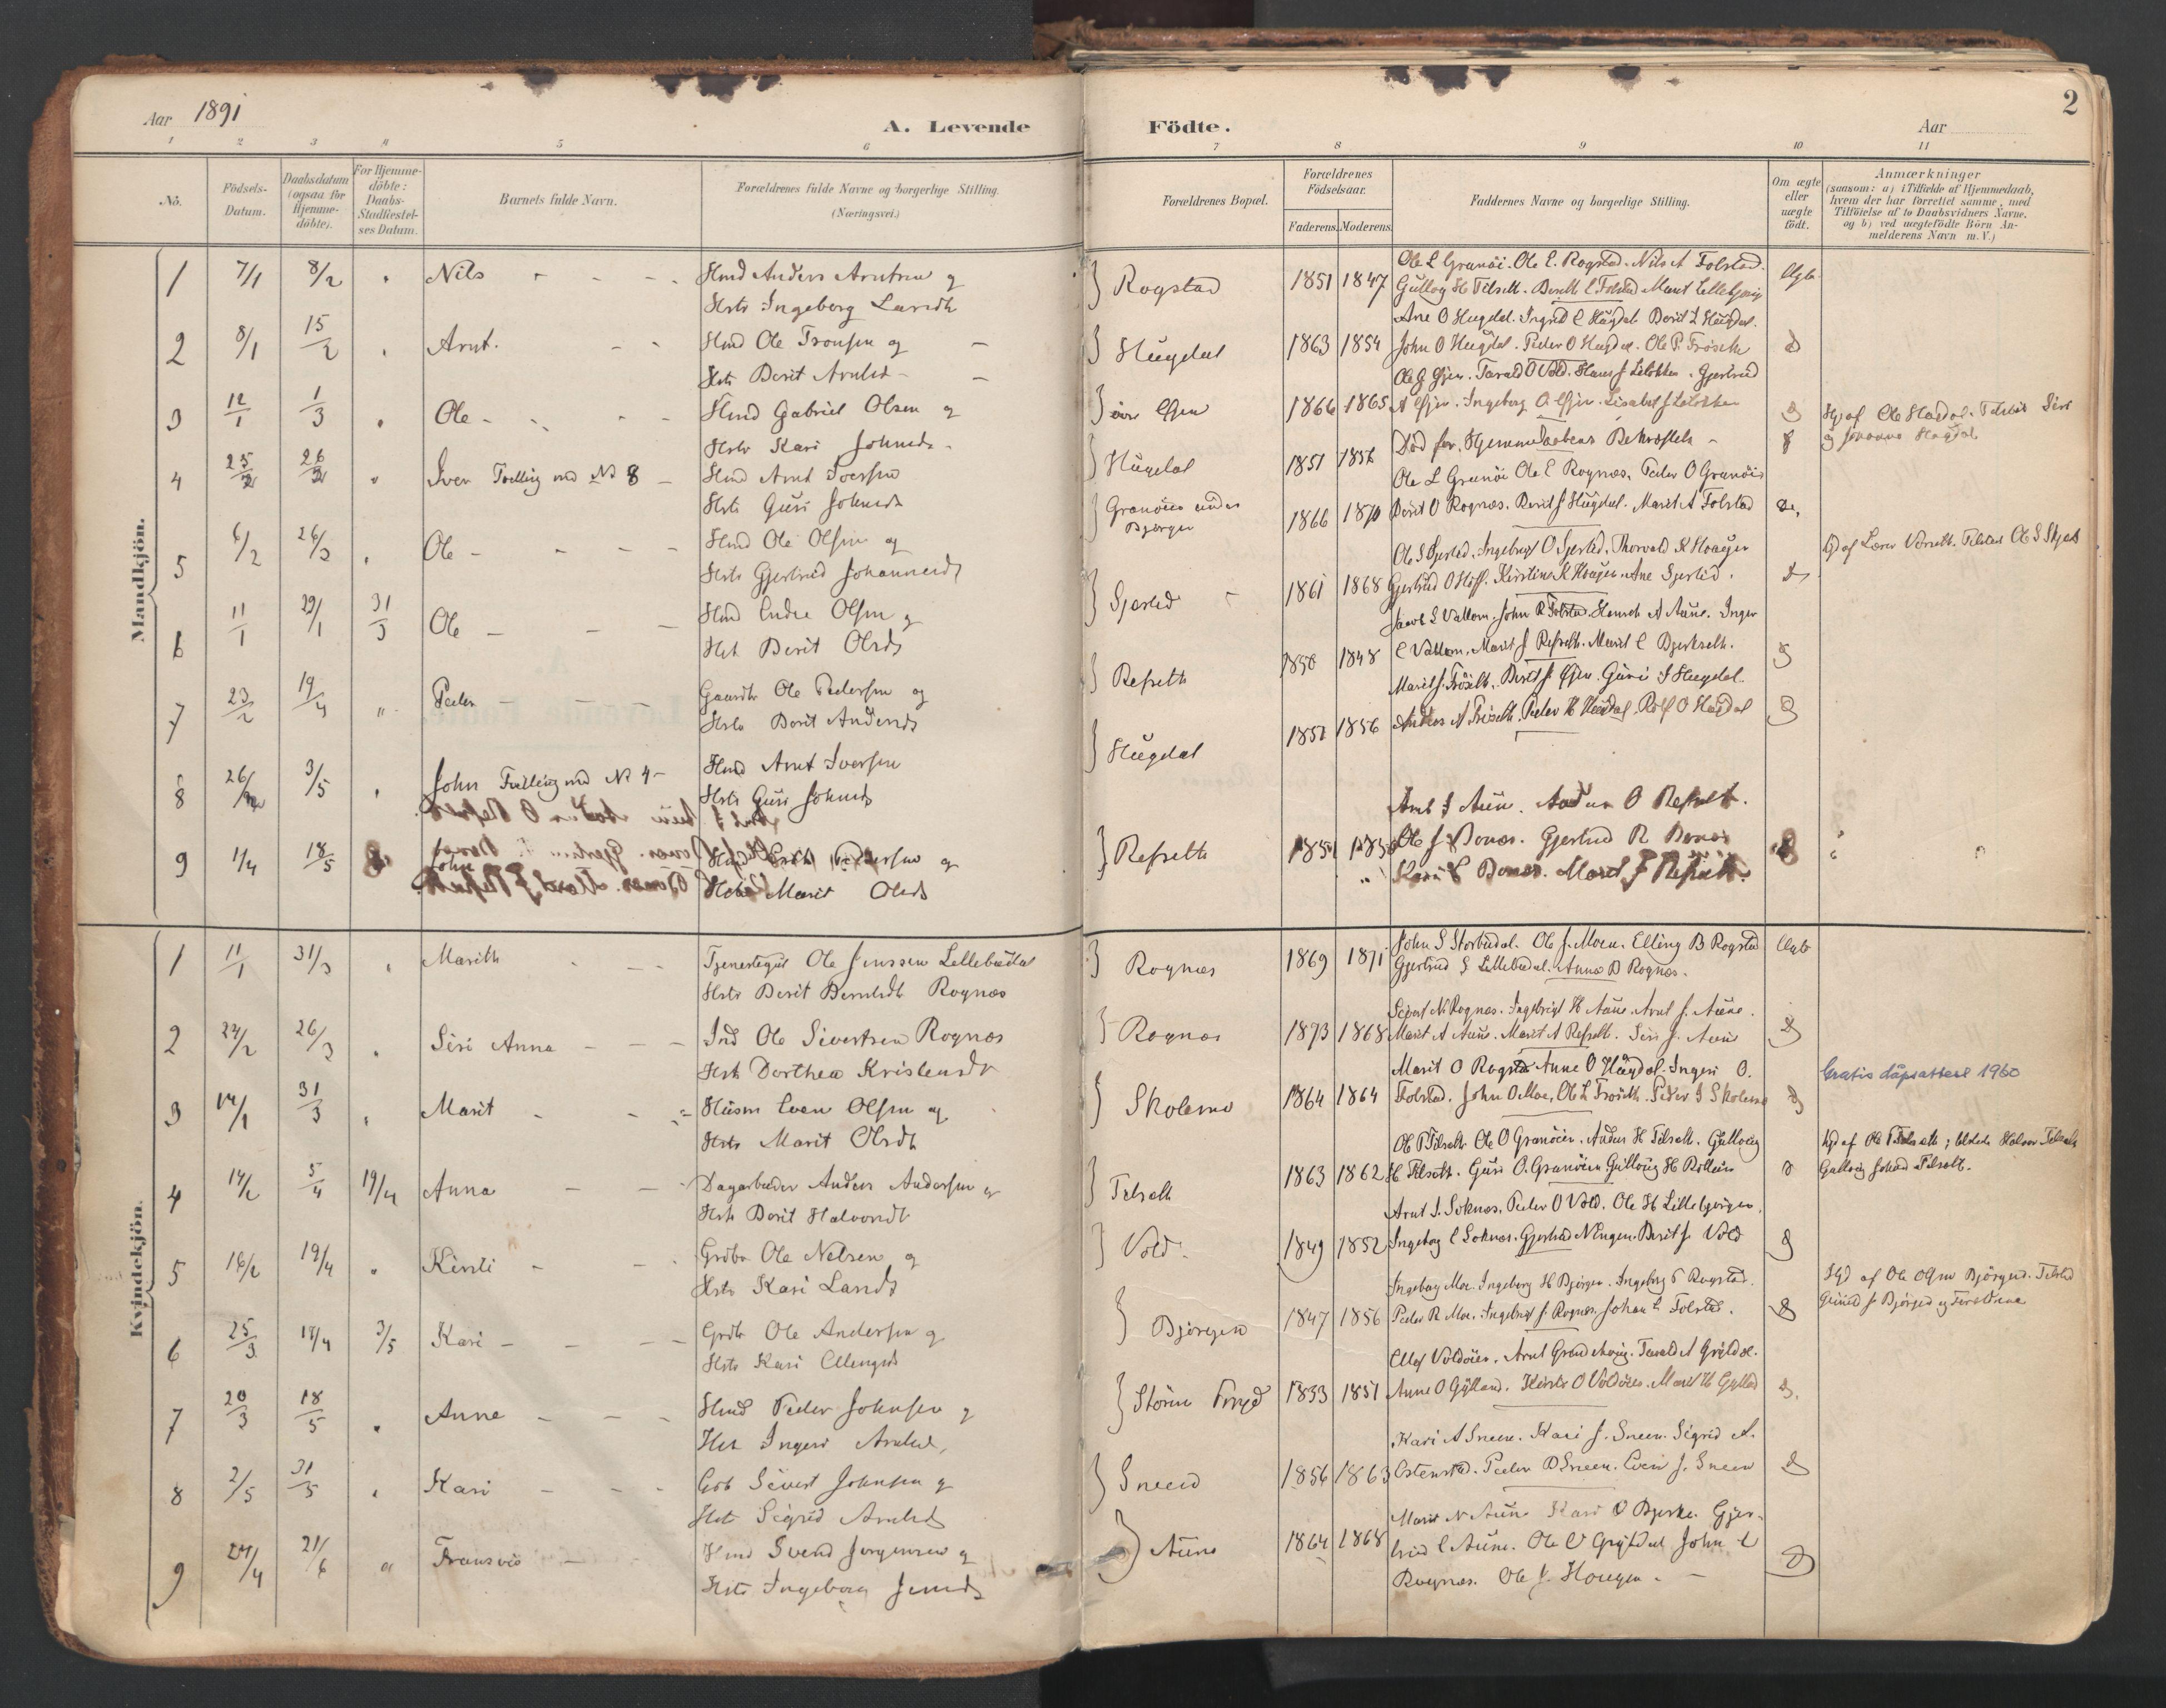 SAT, Ministerialprotokoller, klokkerbøker og fødselsregistre - Sør-Trøndelag, 687/L1004: Ministerialbok nr. 687A10, 1891-1923, s. 2